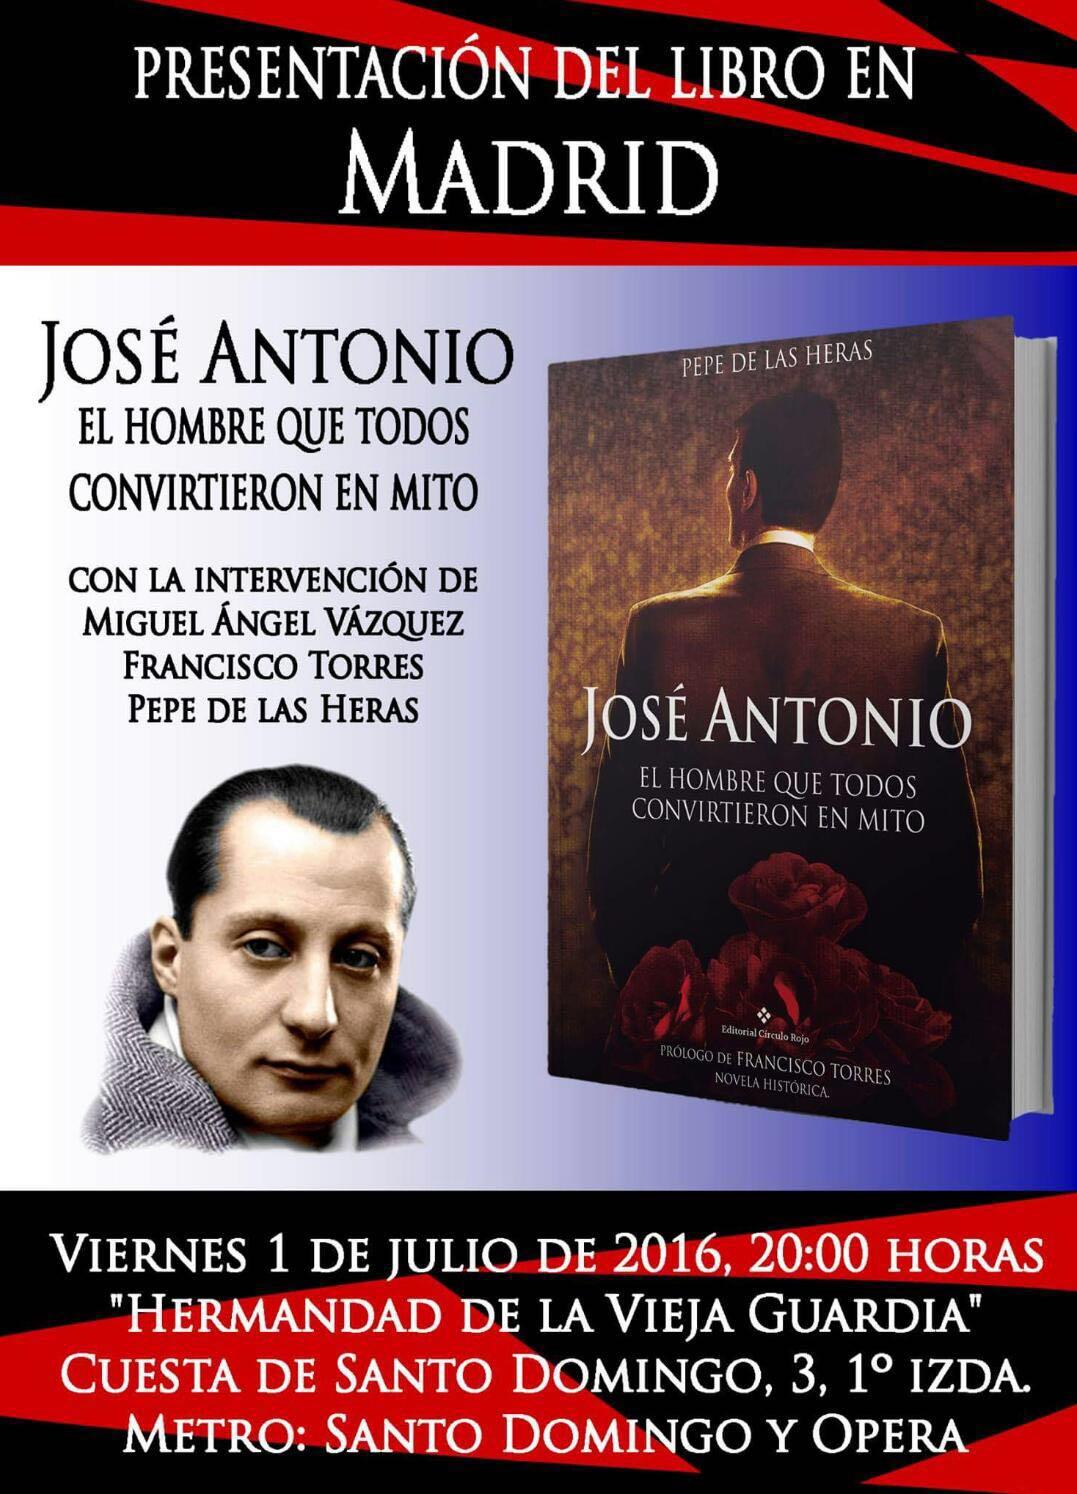 """Presentación en la Vieja Guardia del libro """"Jose Antonio. El hombre que todos convirtieron en mito"""". Viernes 1 de Julio a las 20:00 horas"""